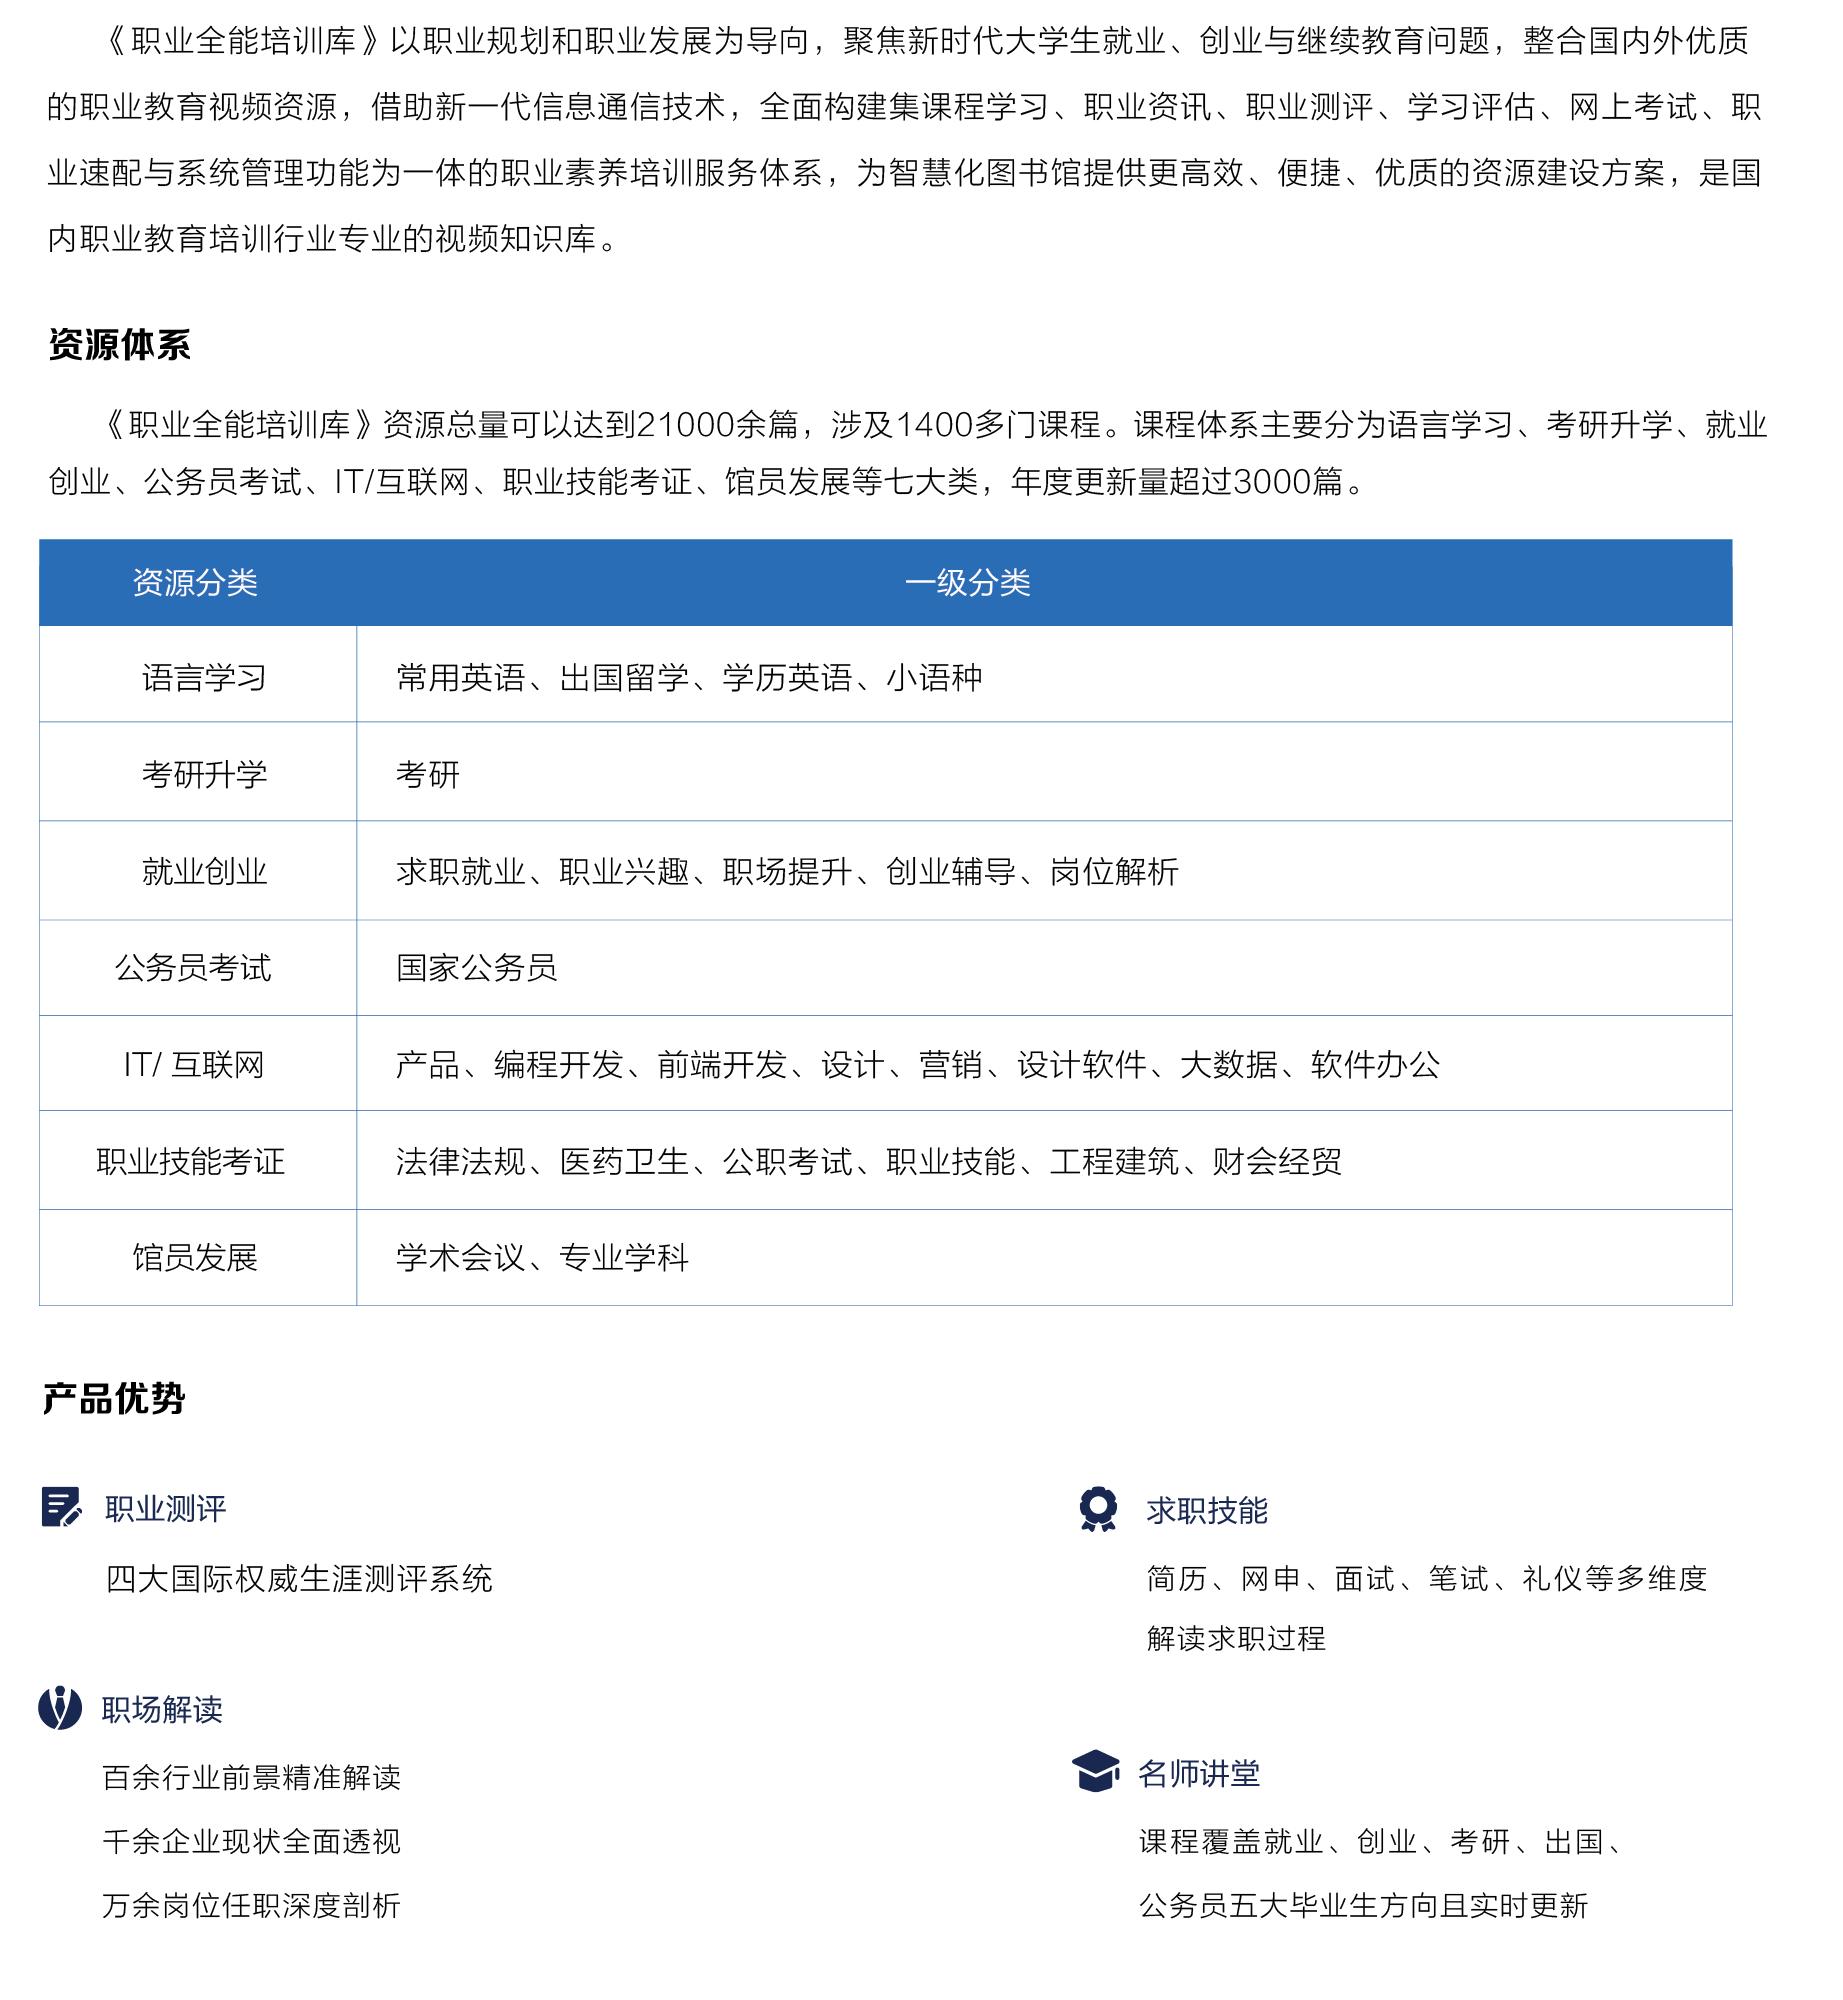 职业全能培训库_画板 1.png